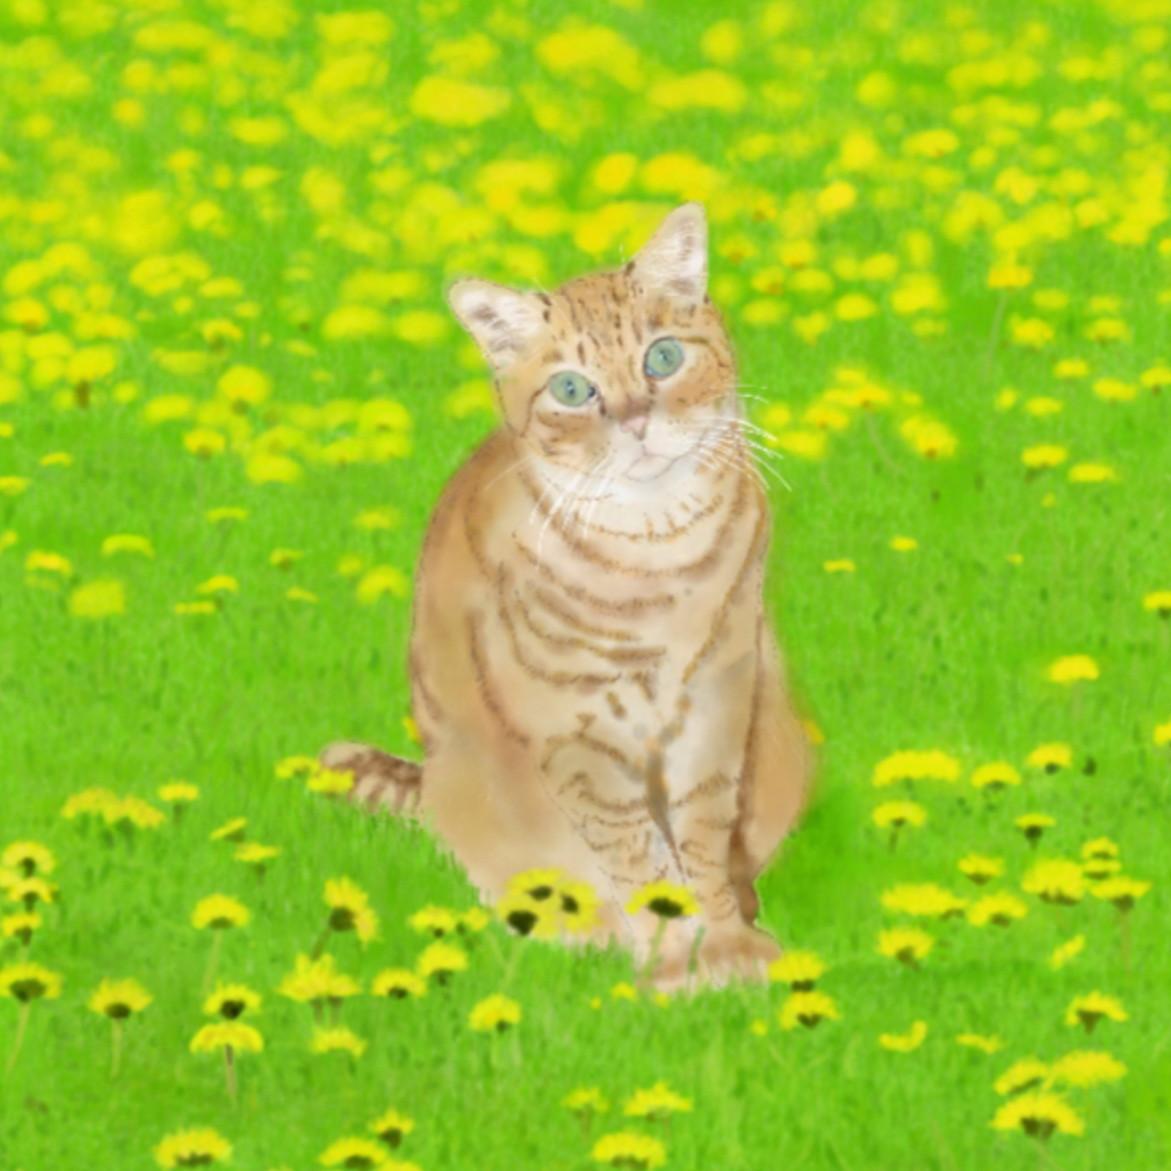 絵画 絵 ピクチャー 縁起画 モダン シェアハウス アートパネル アート art 14cm×14cm 一人暮らし 送料無料 インテリア 雑貨 壁掛け 置物 おしゃれ ネコ ねこ 猫 動物 アニマル キャット  デジタルアート たんぽぽ デジタルアート ロココロ 画家 : rune 作品 : たんぽぽと猫